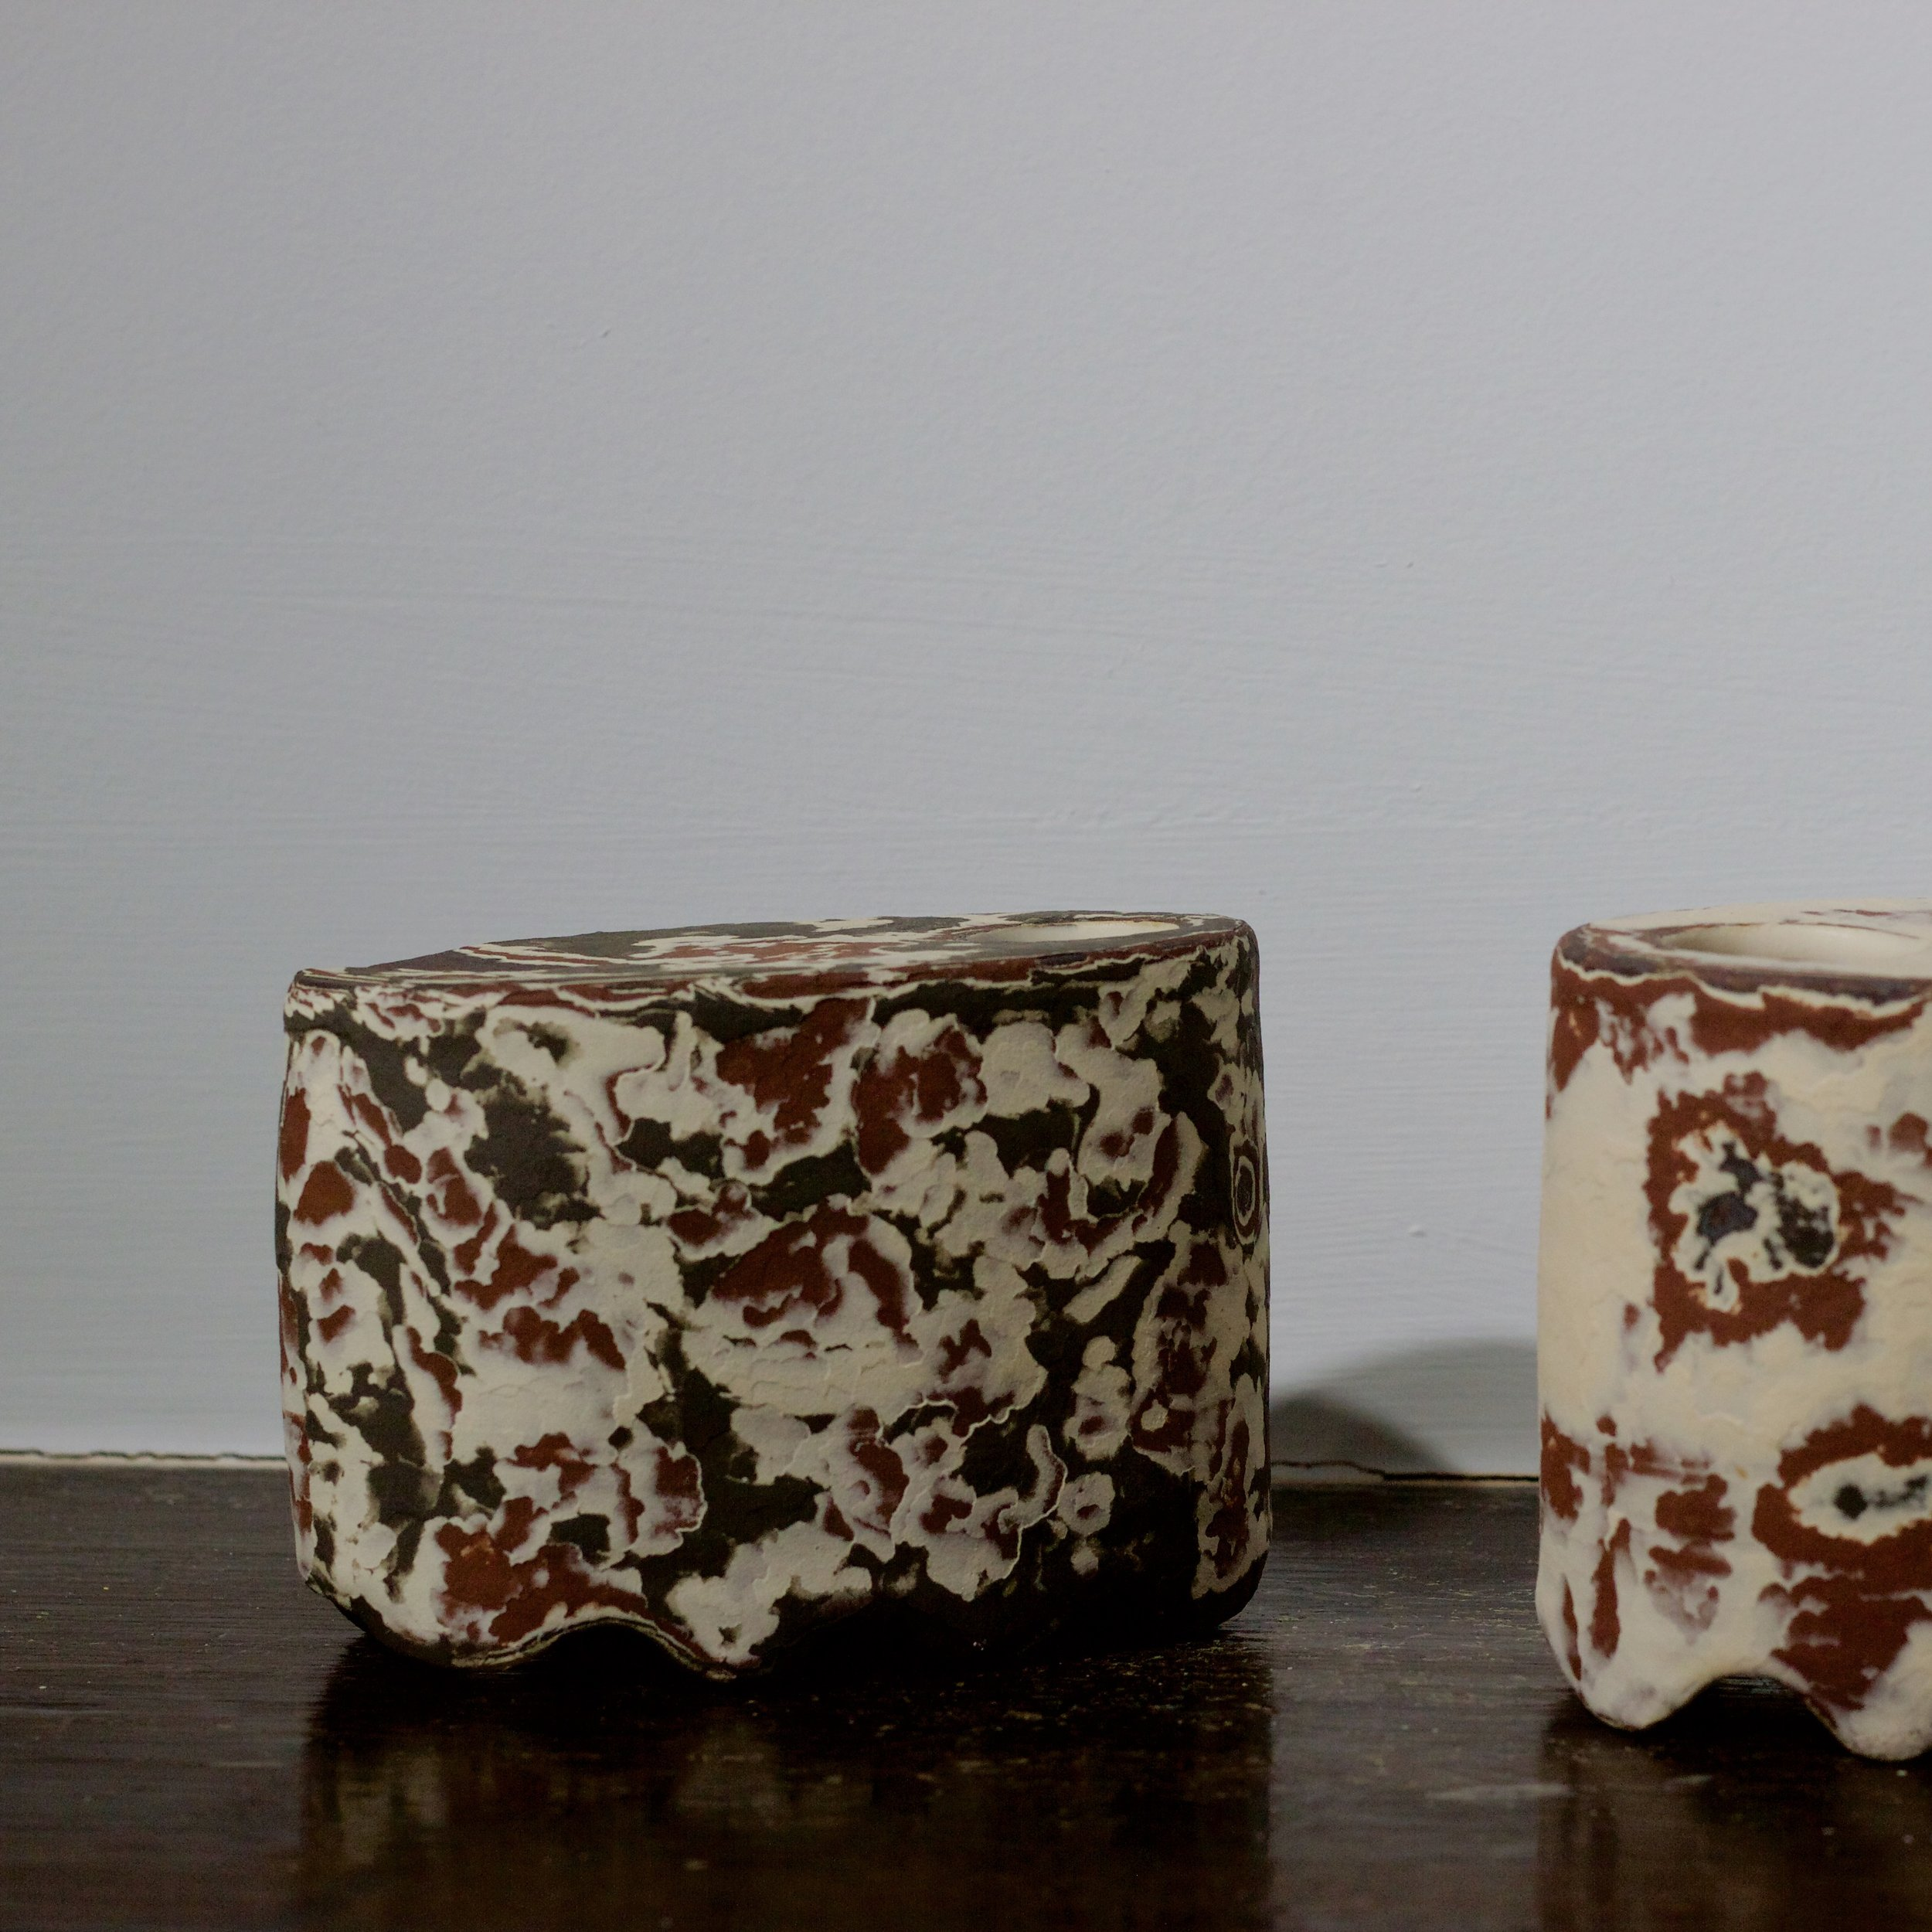 James Faulkner - Boiler Vases